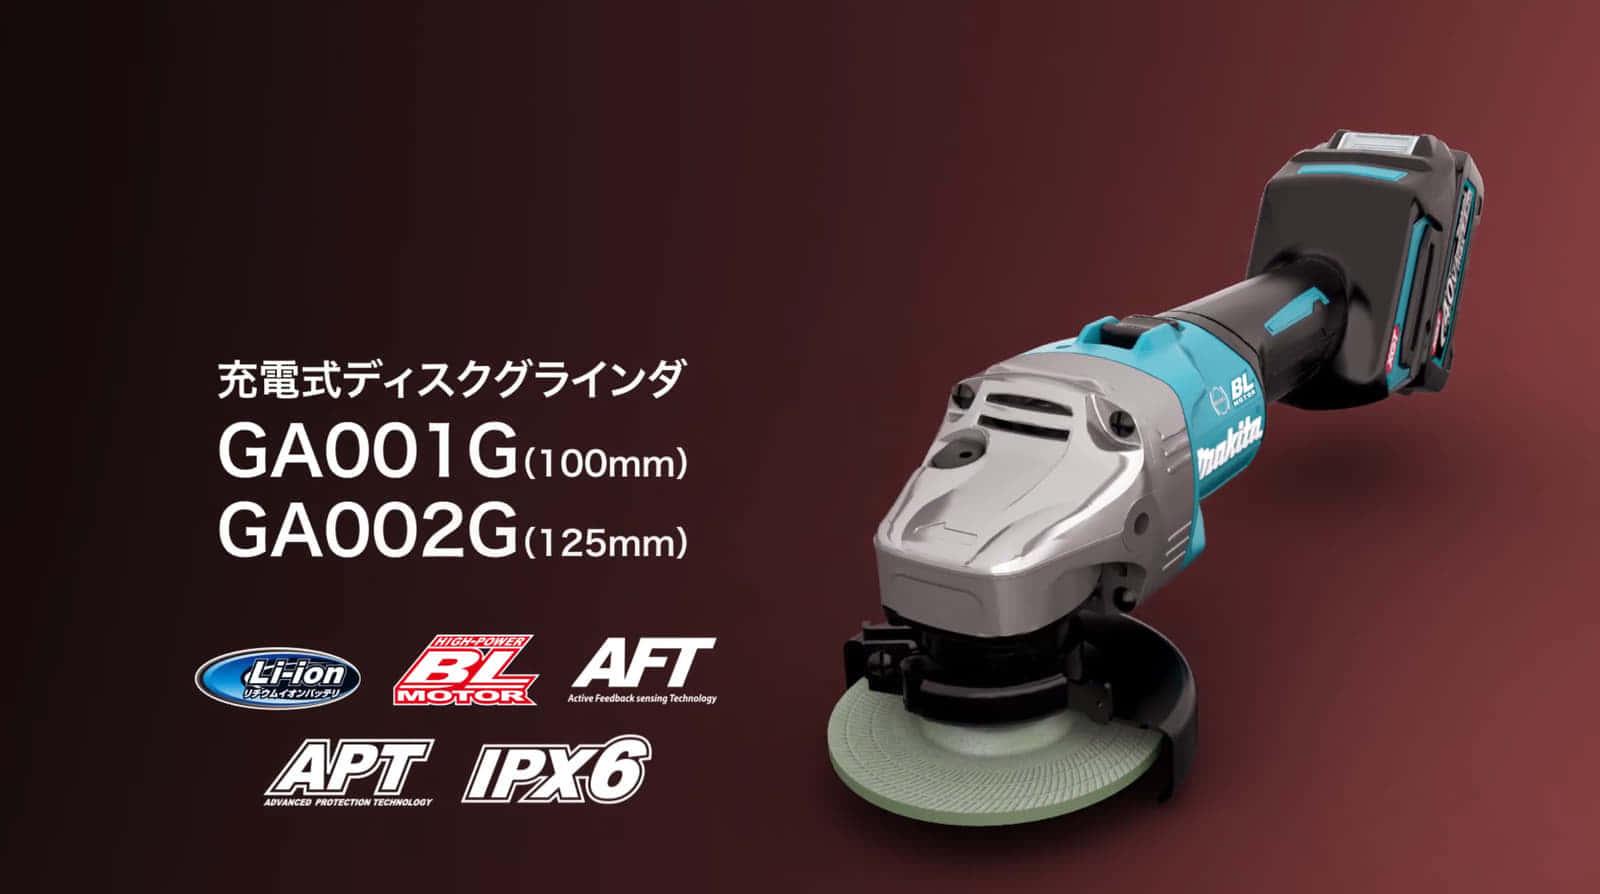 マキタ新製品|GA001G ディスクグラインダ、重負荷に強く AC工具を超える切断能力